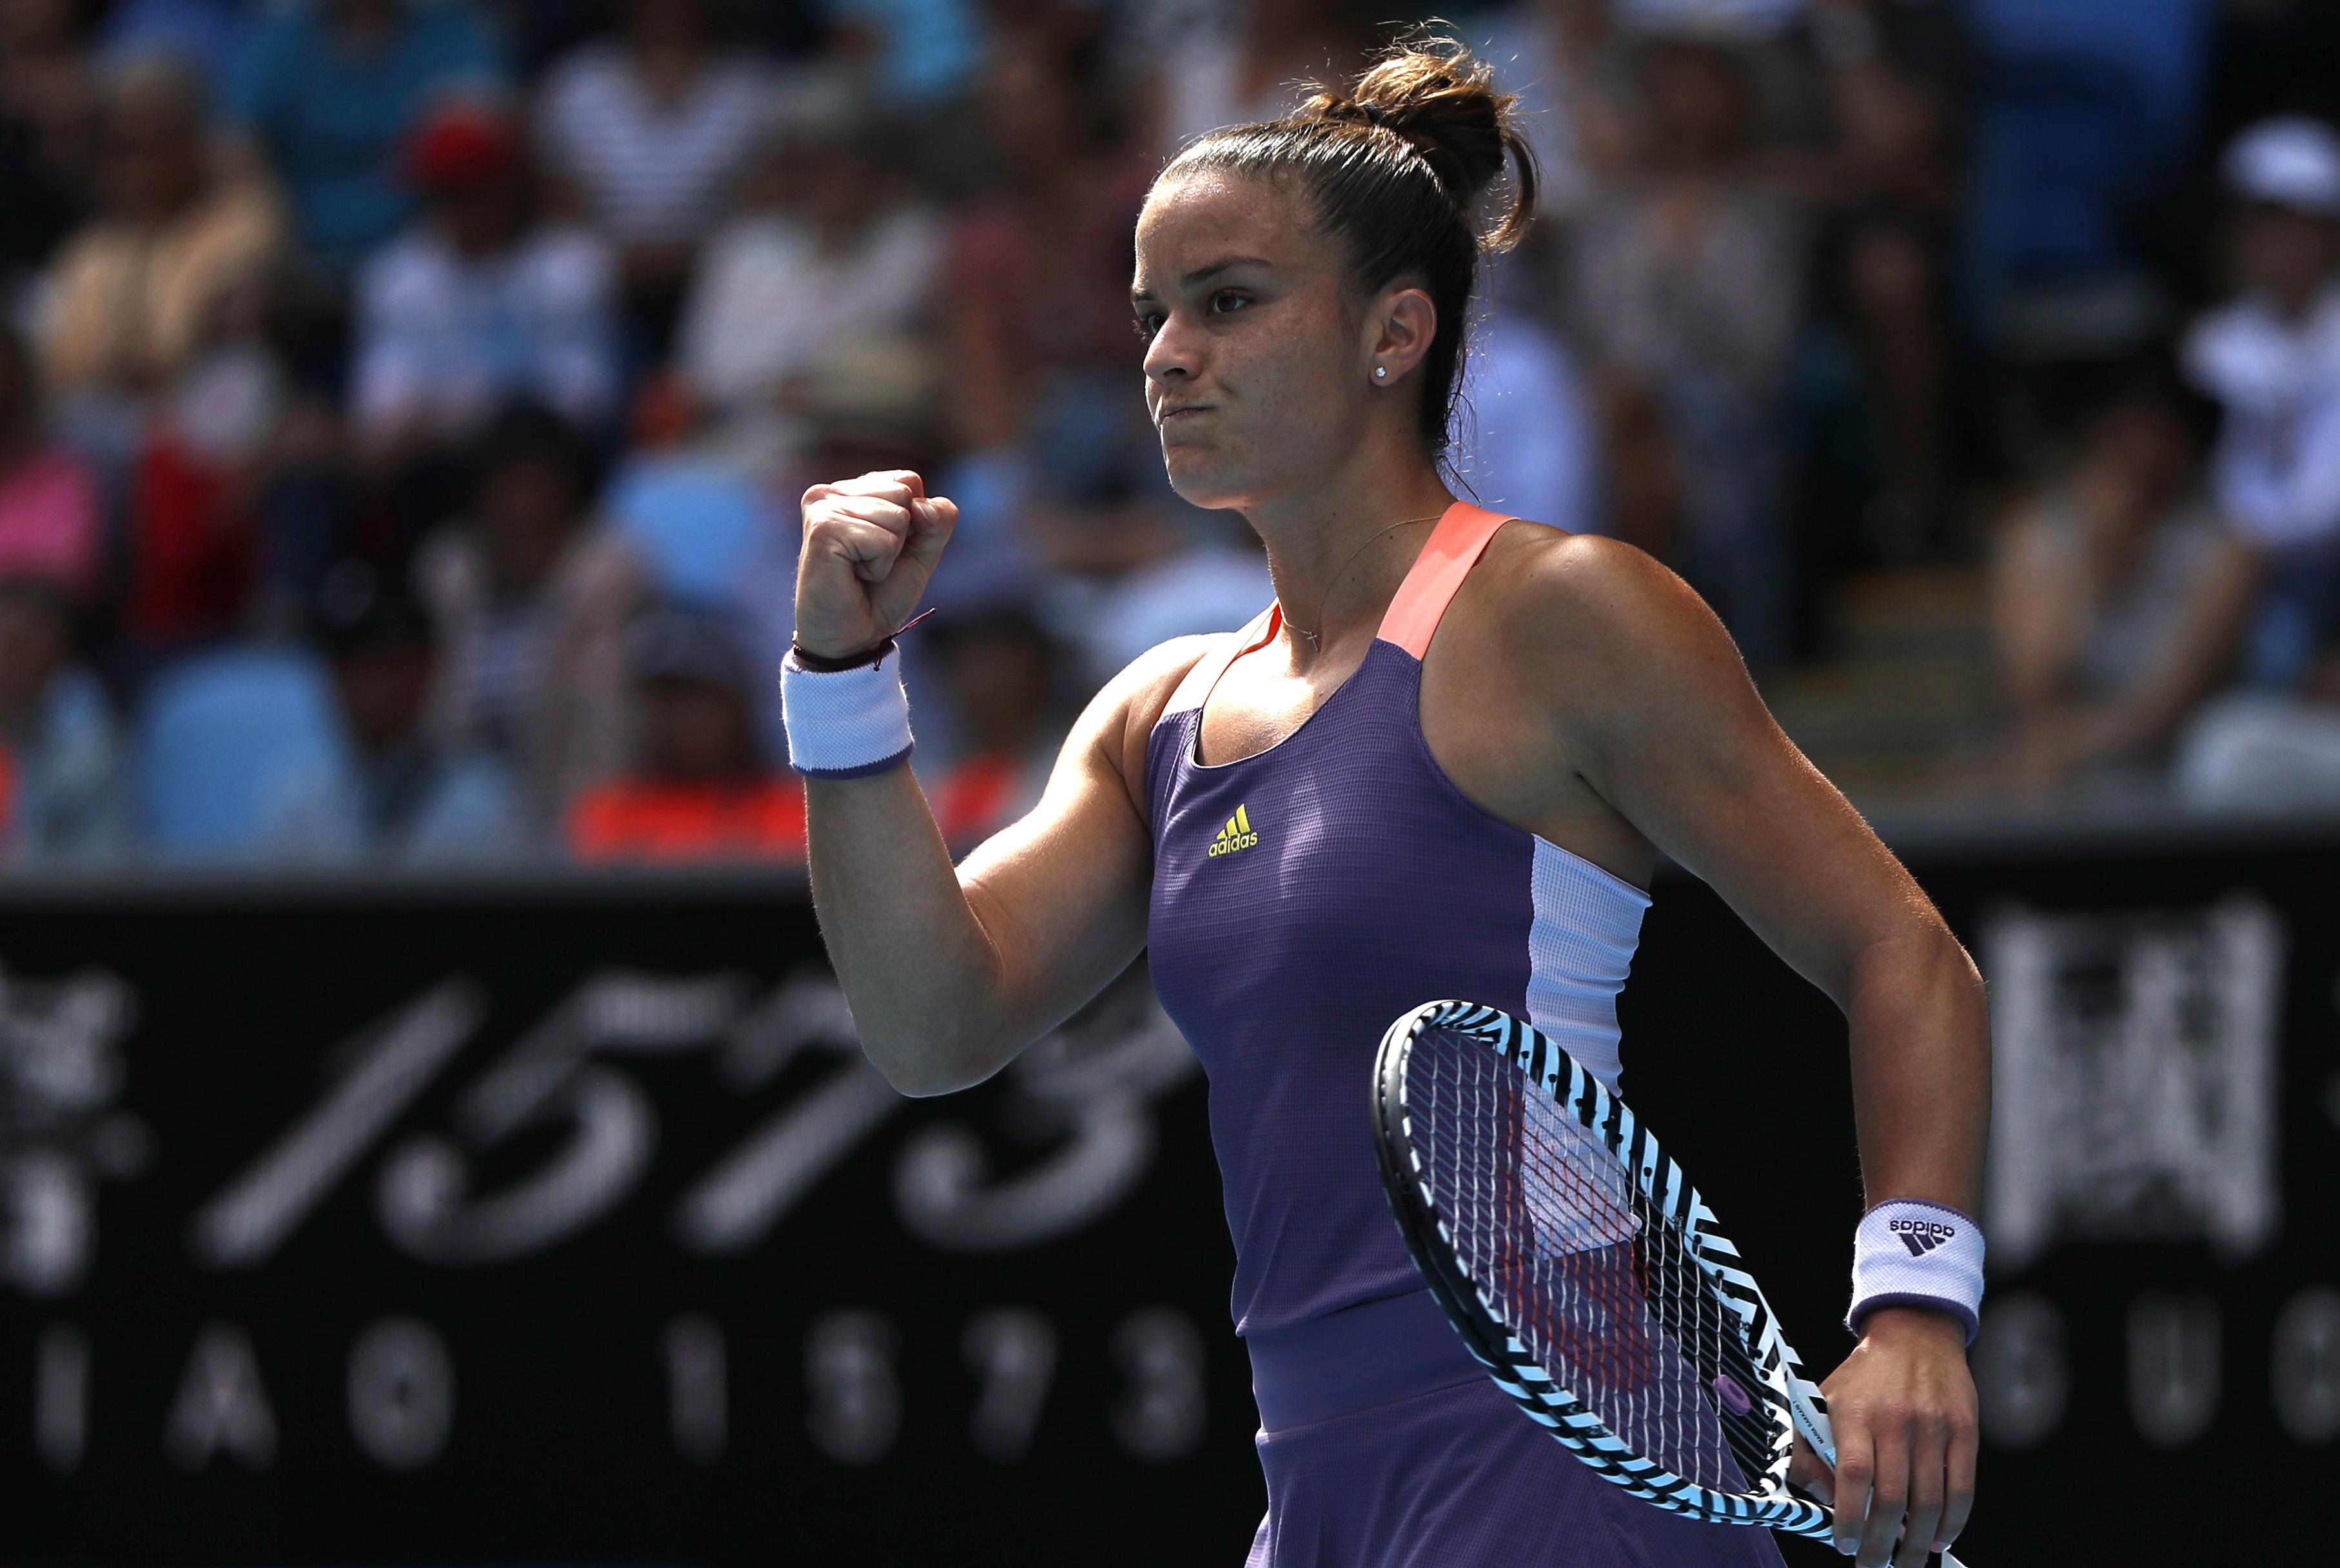 Σάκκαρη: Κάνει ρεκόρ καριέρας μετά το Australian Open!